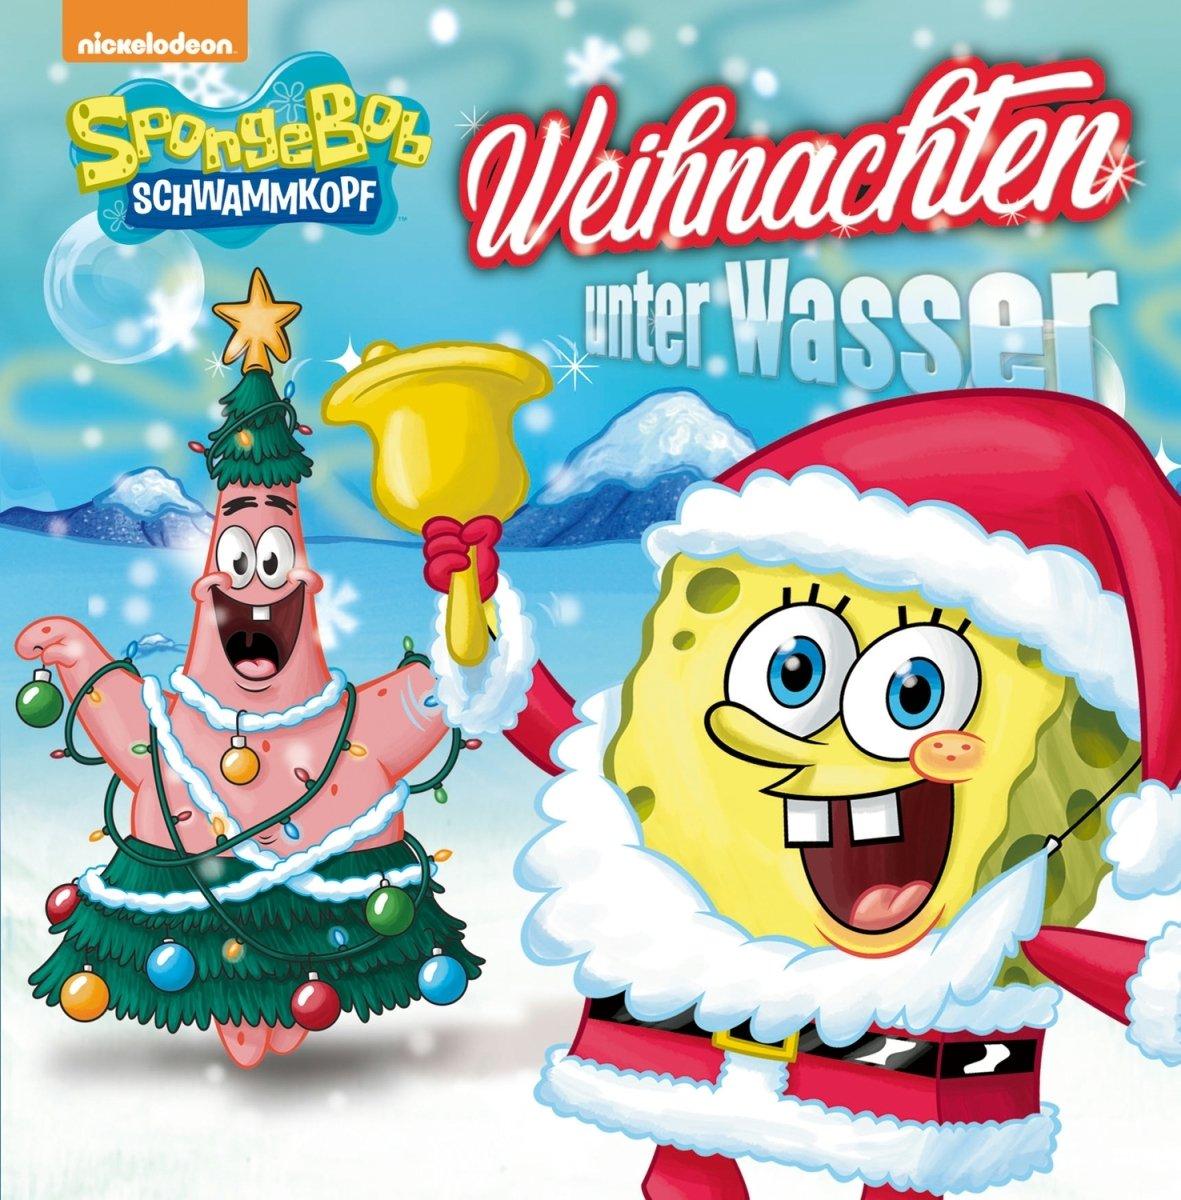 Weihnachten Unter Wasser - Spongebob Schwammkopf: Amazon.de: Musik